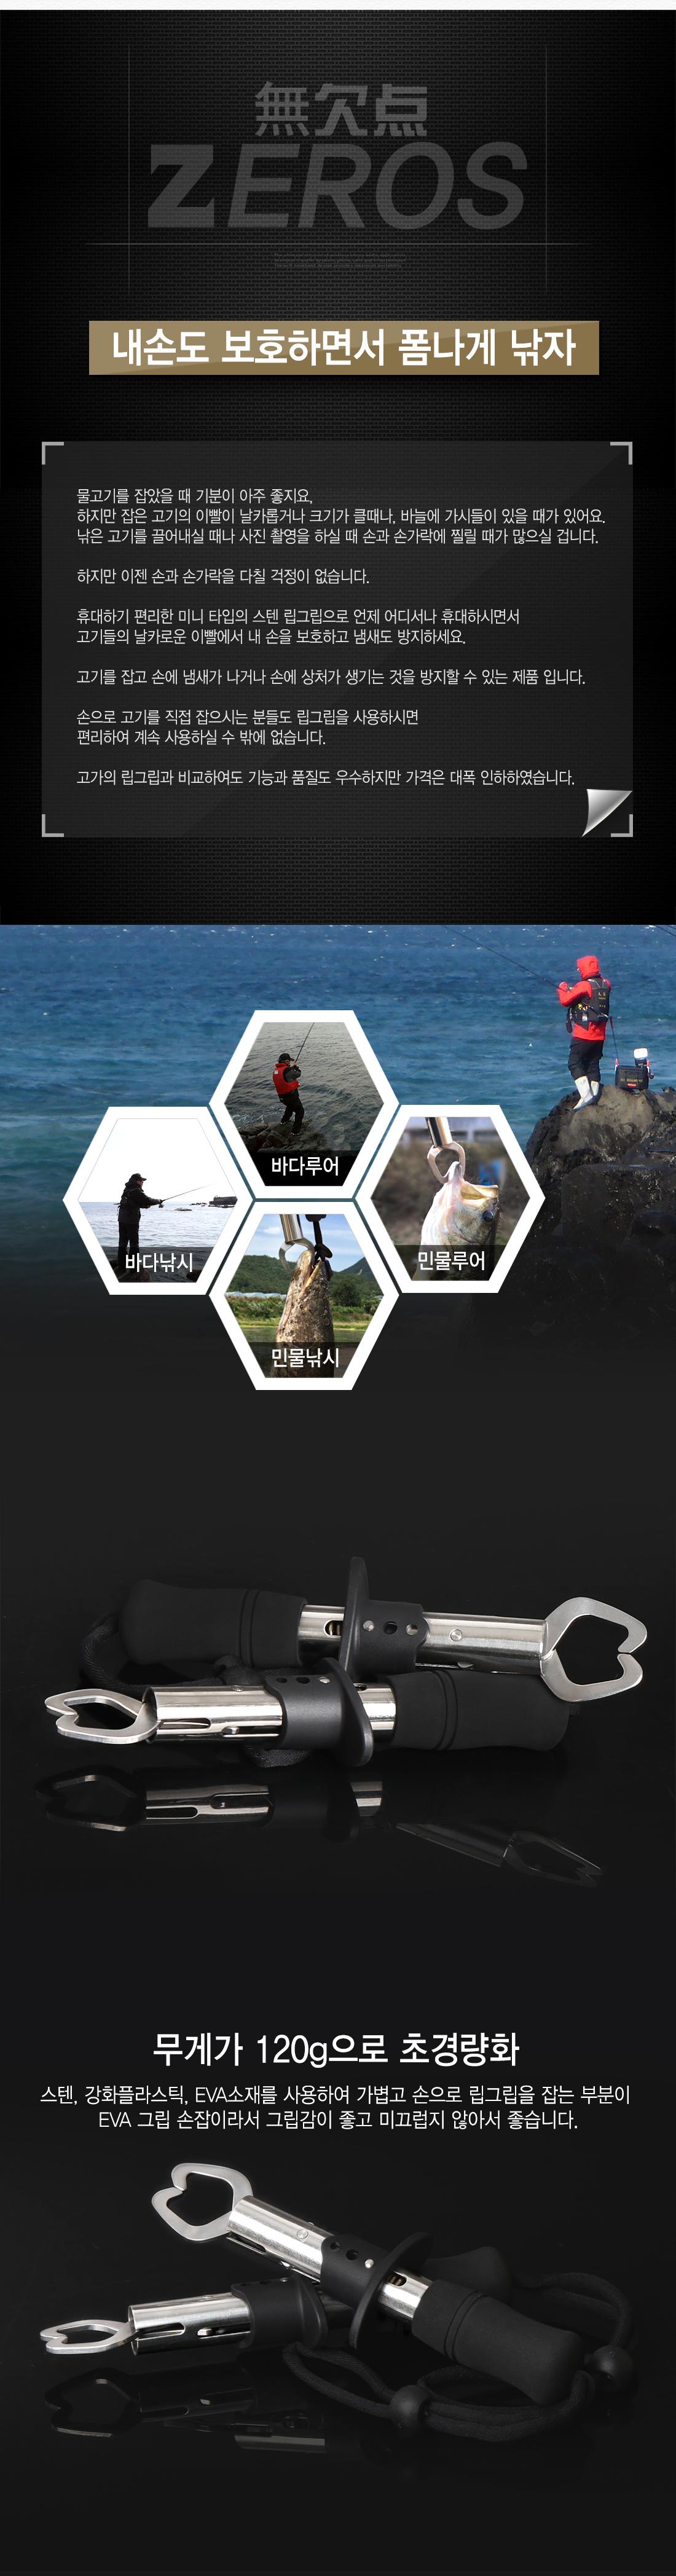 제로스  미니 스텐 립그립 바다/민물 소.중형어종 립그립 물고기집게 플라이어 배스 쏘가리 볼락 우럭 광어 소형립그립